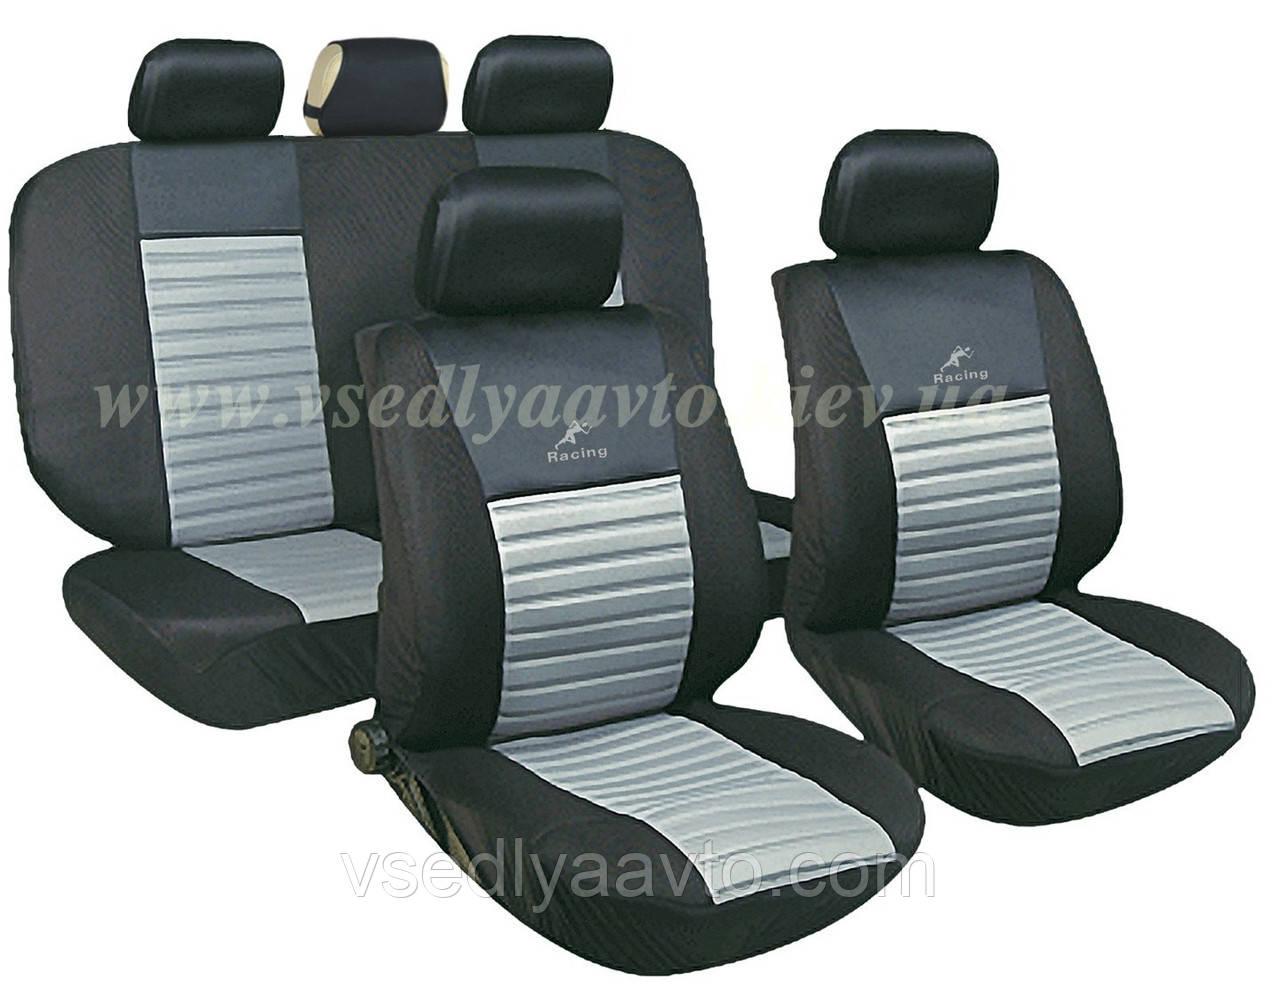 Чехлы на сиденья универсальные MILEX/Tango AG-24016/4 полн к-т/2пер+2задн+5подг+опл/сер